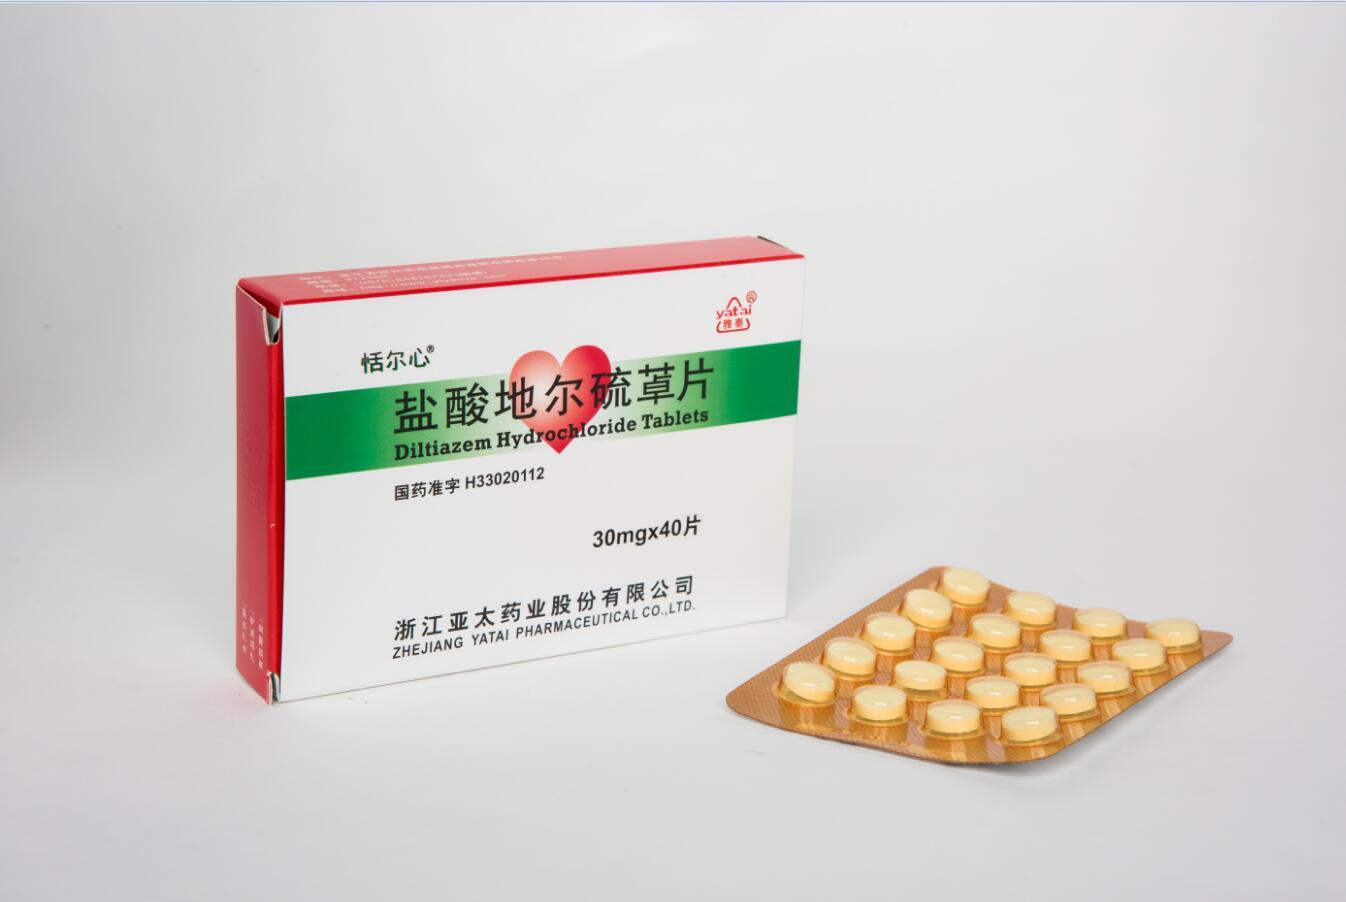 鹽酸地爾硫卓片